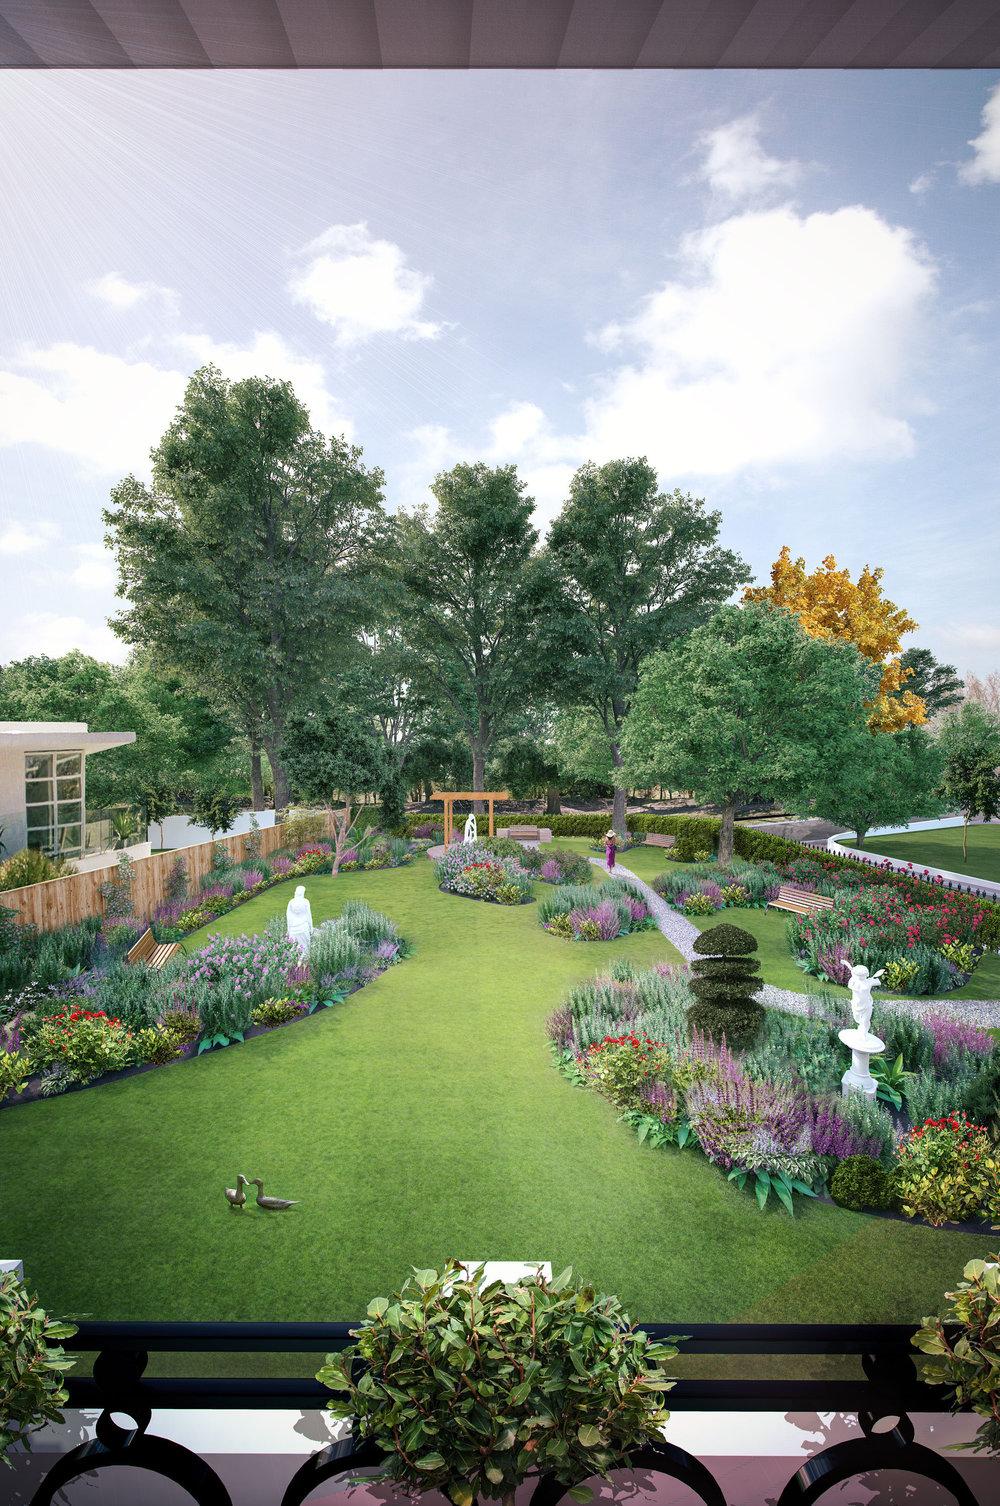 Queens Park Villas  - Landscaping Visualisation - Brighton, UK